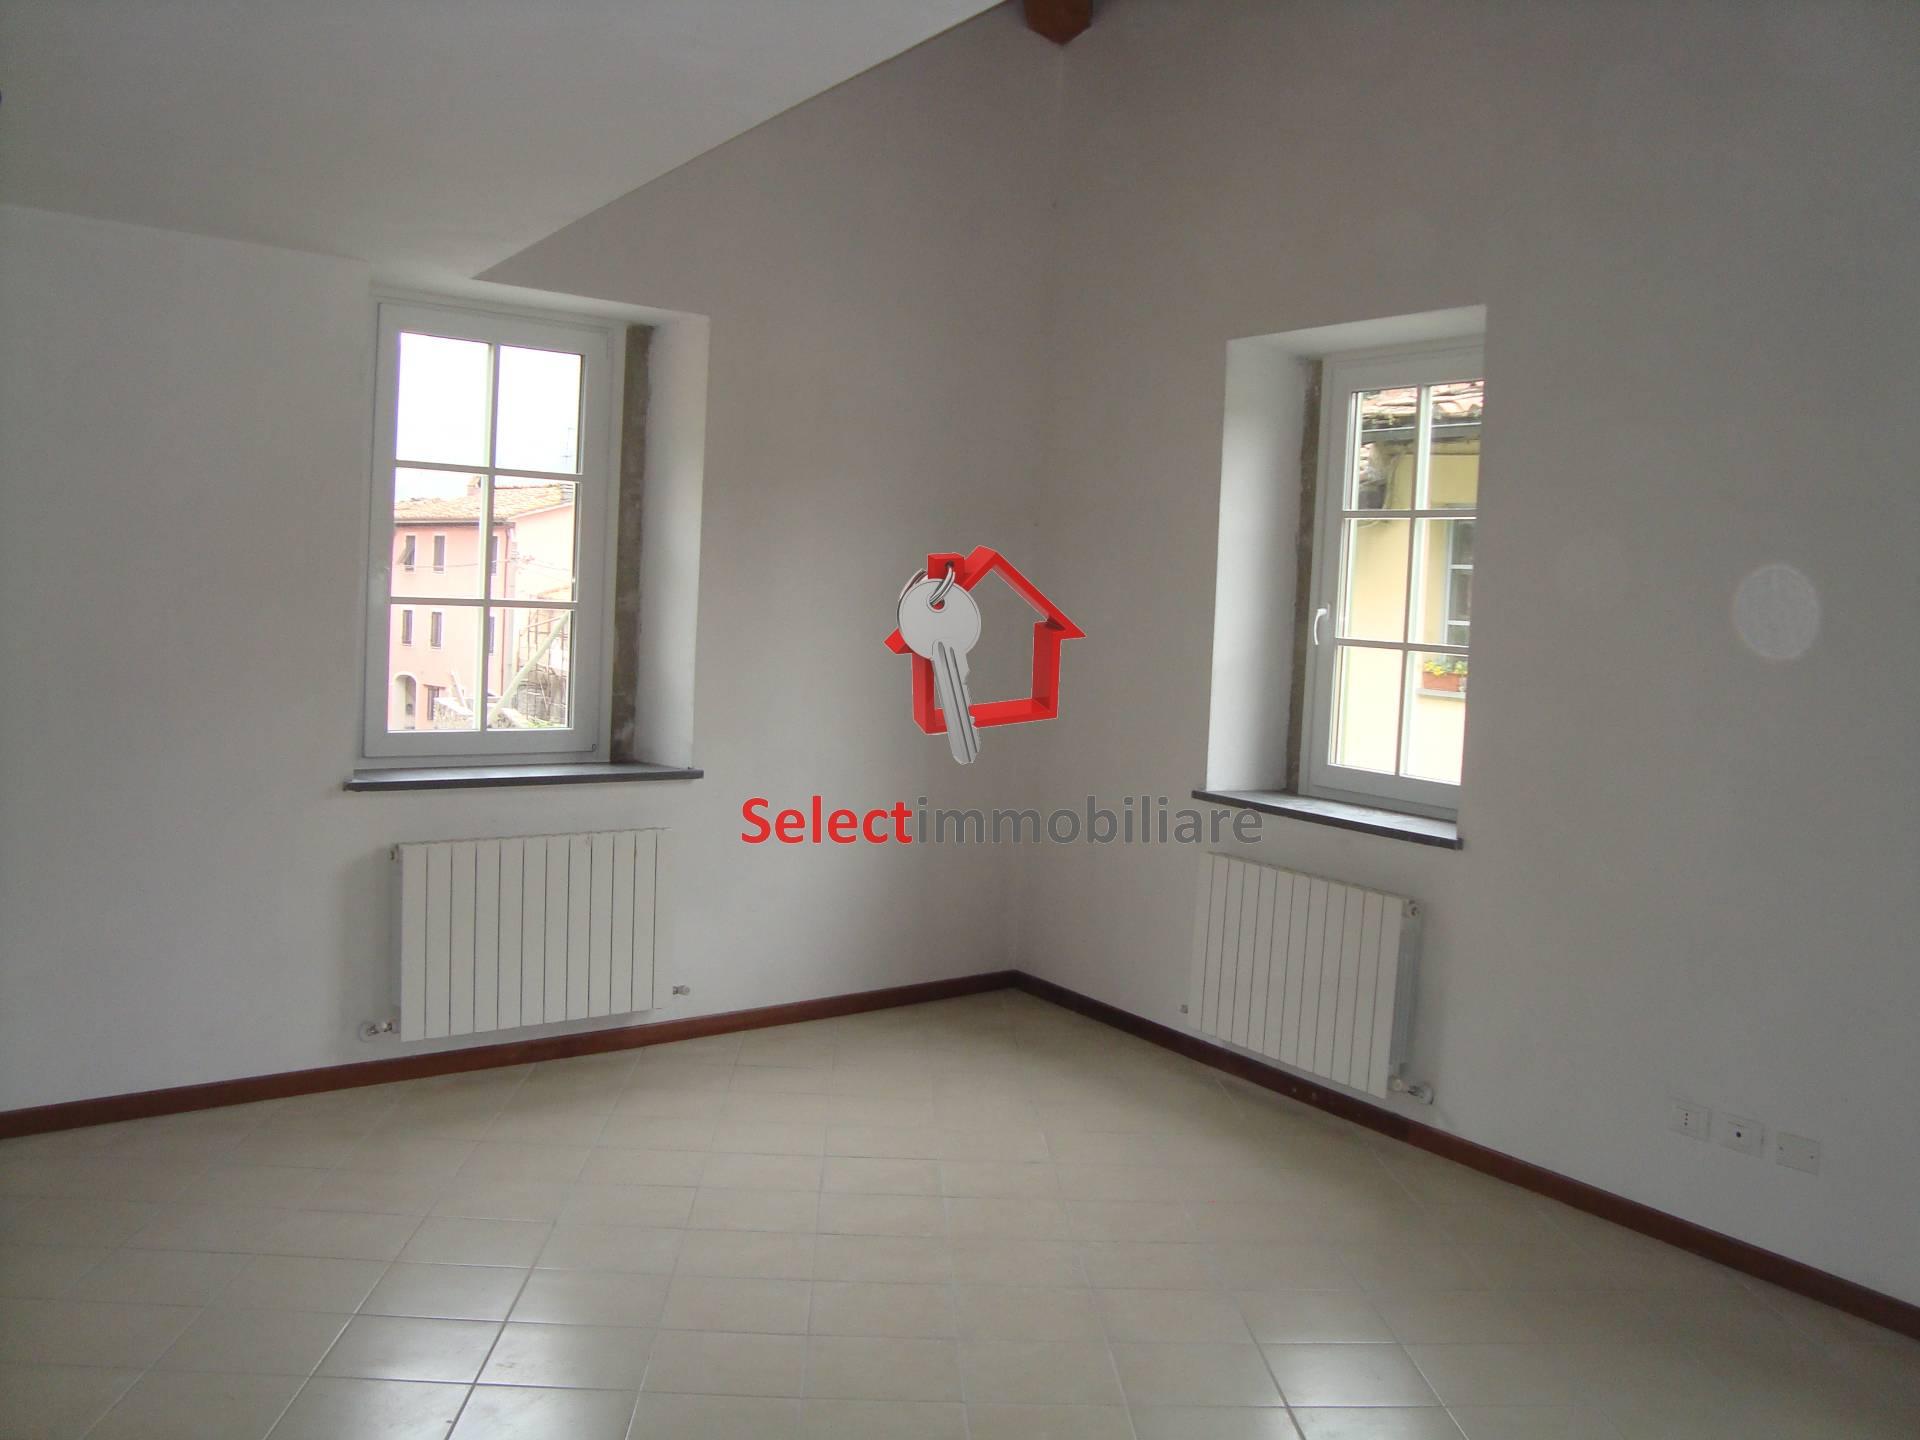 Appartamento in vendita a Borgo a Mozzano, 2 locali, zona Zona: Diecimo, prezzo € 95.000 | Cambio Casa.it